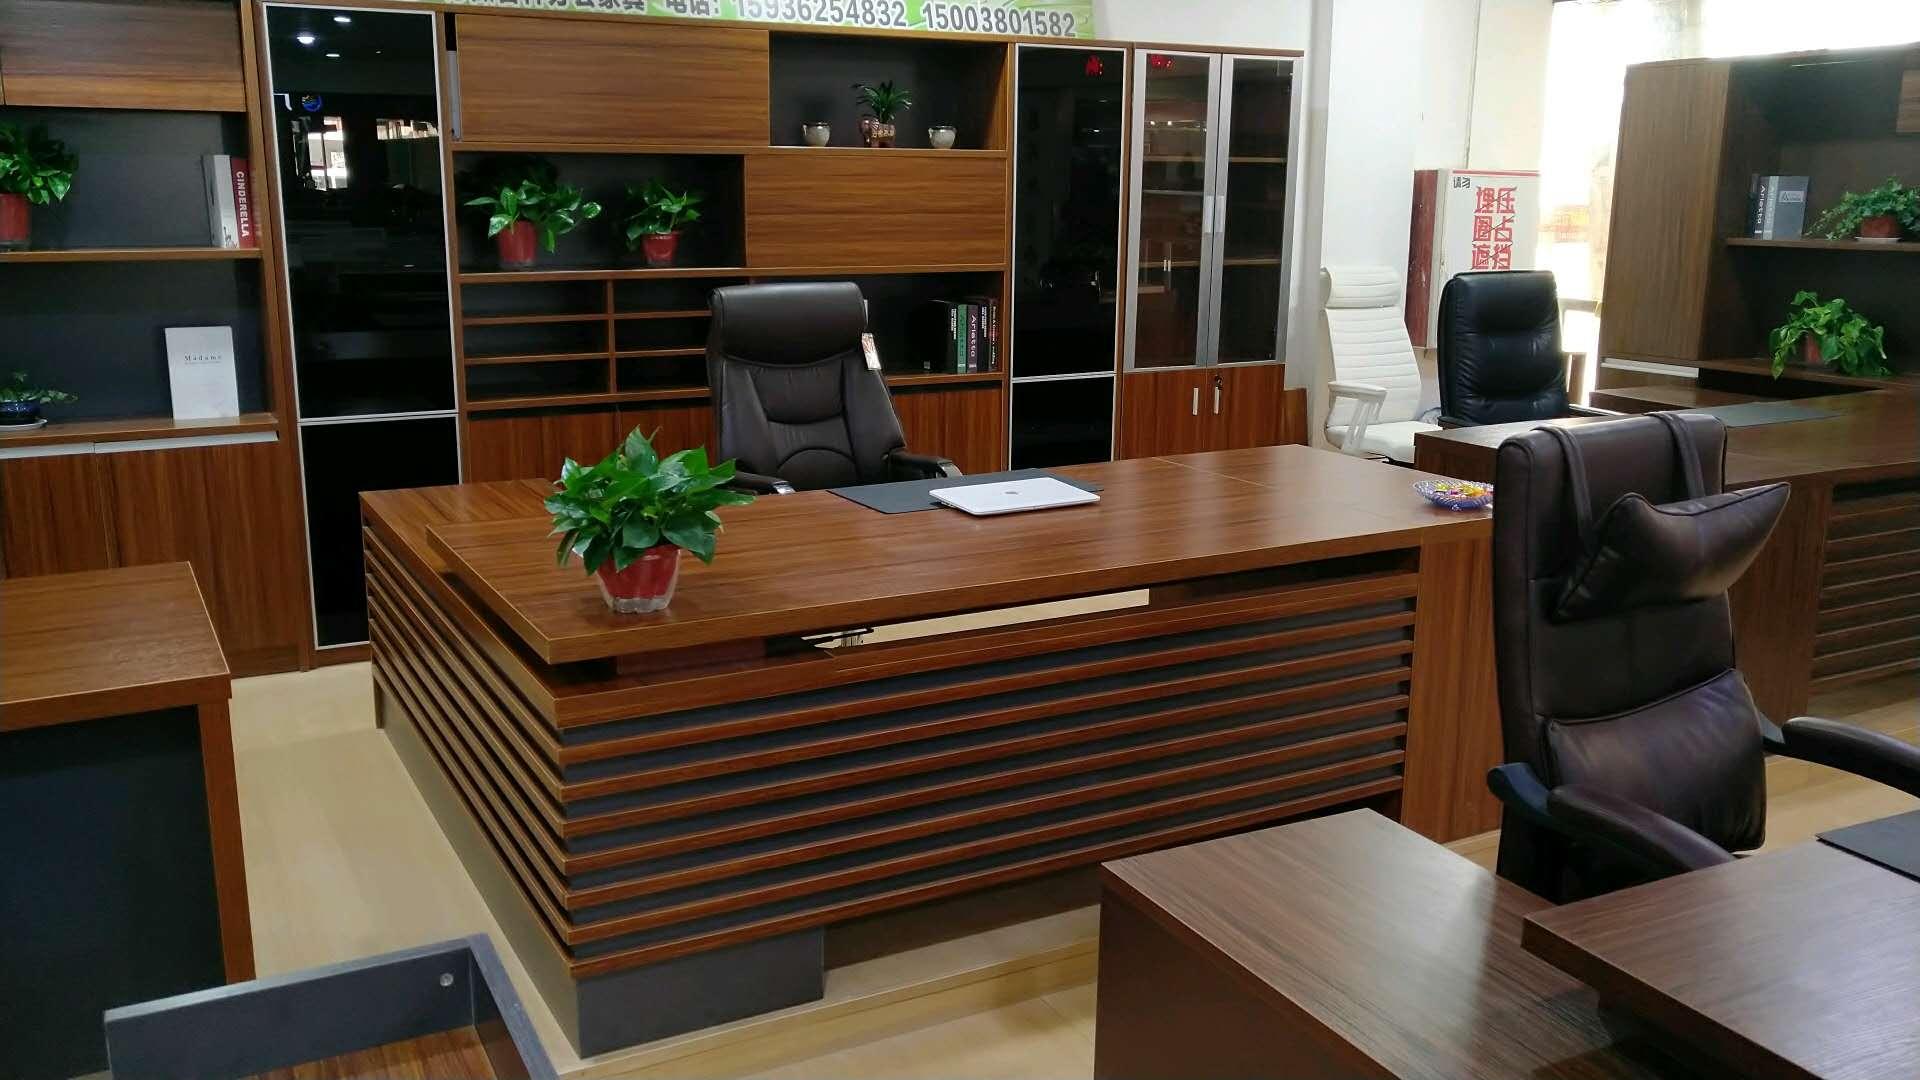 郑州办公沙发哪家专业「洛阳市洛龙区鑫泰办公家具供应」